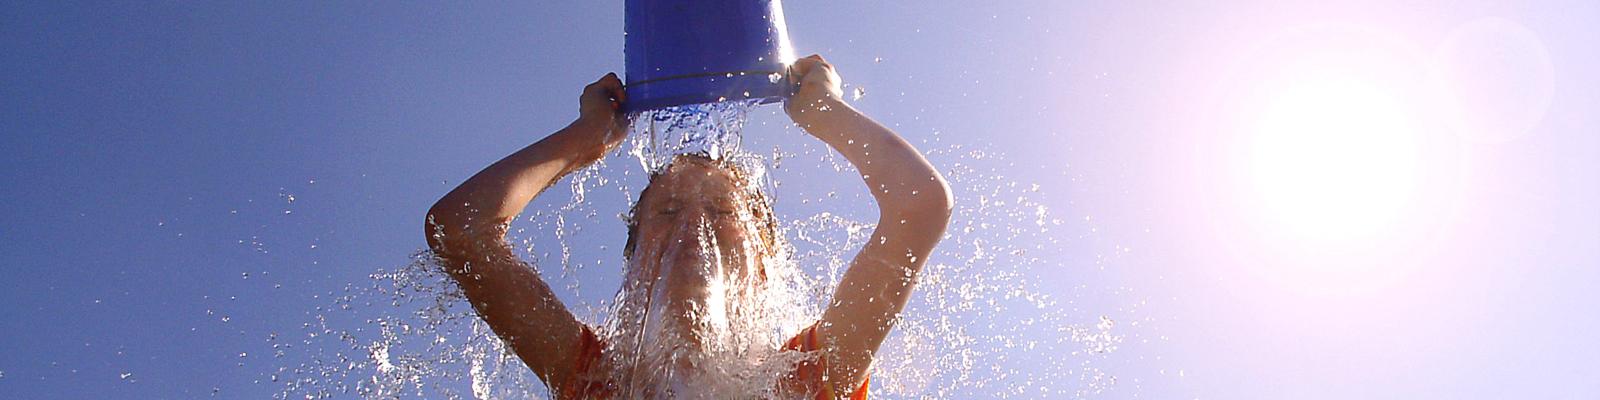 Eine Frau schüttet sich einen Eimer Wasser über den Kopf.